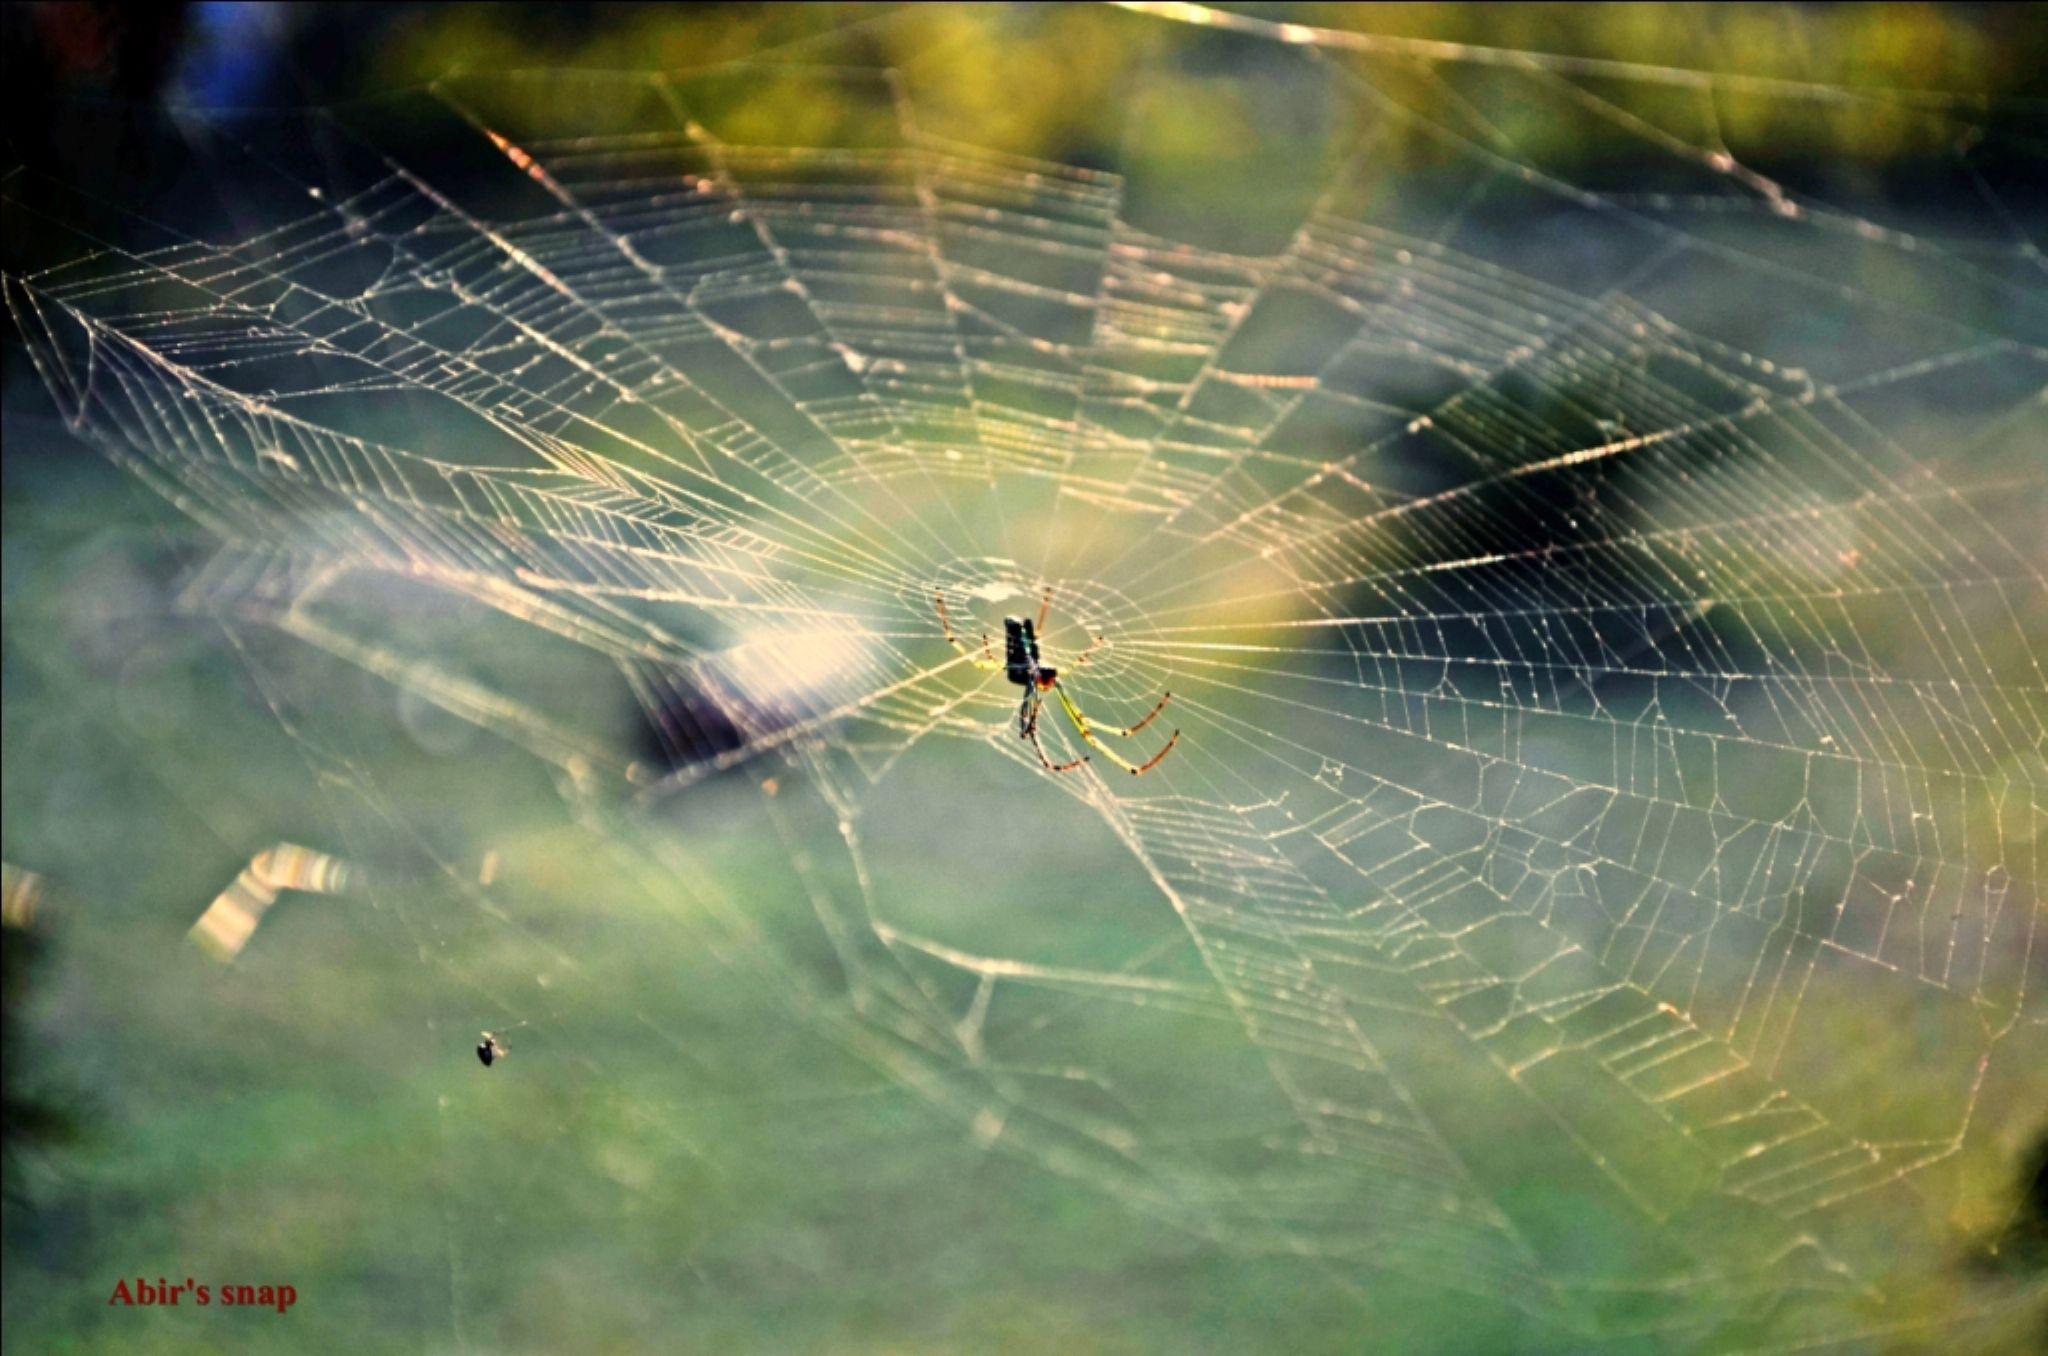 Spider by Abir Ghosh